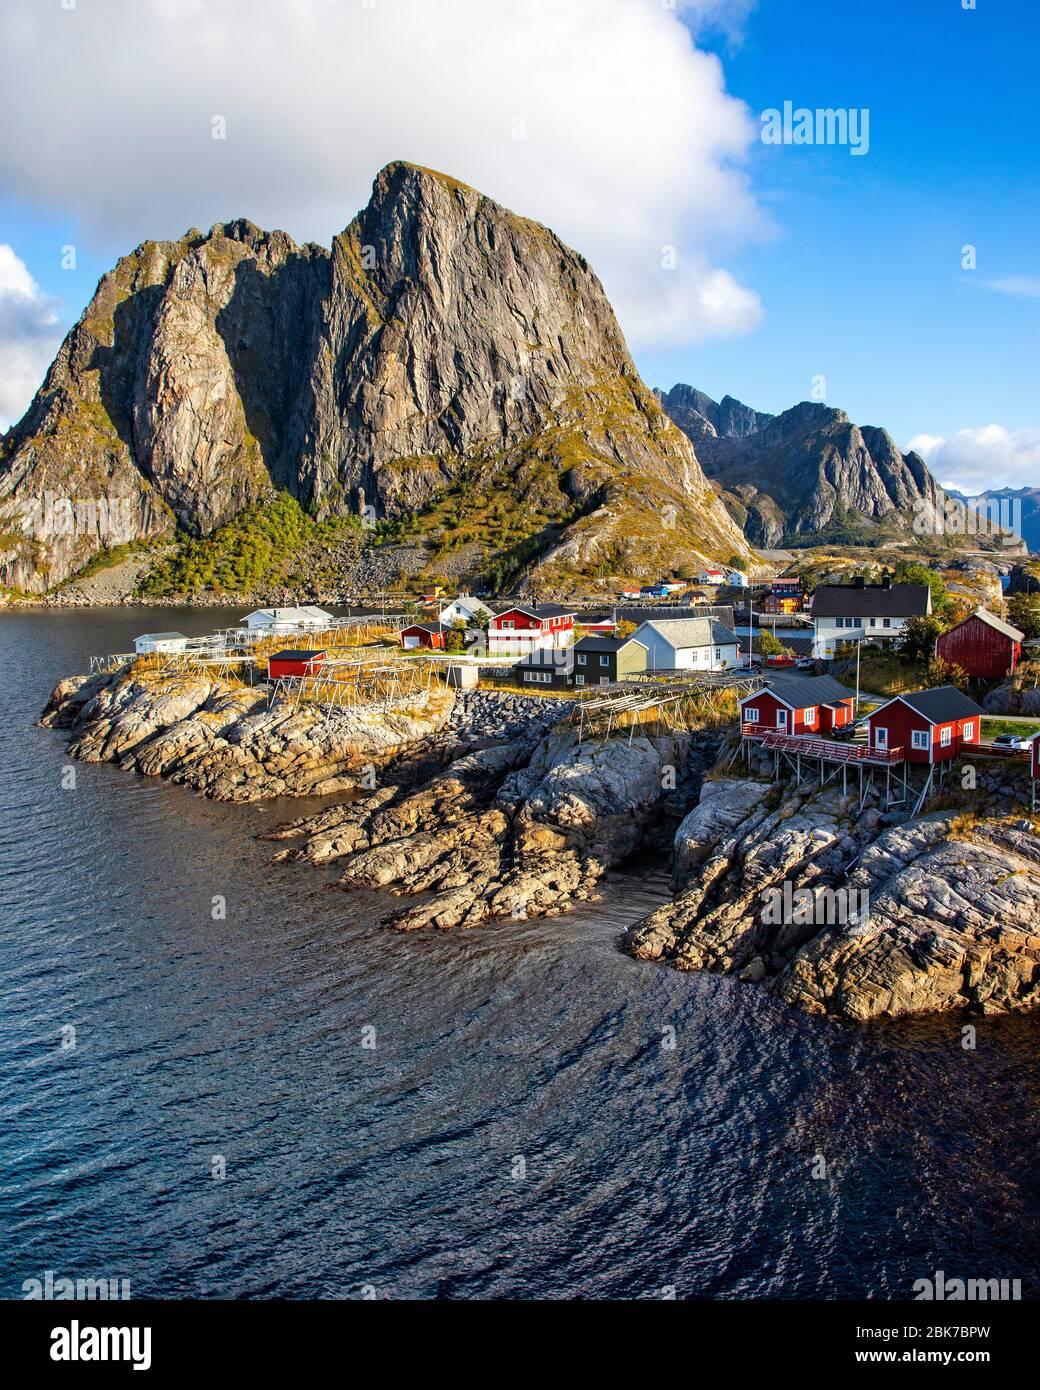 Das Dorf von Hamnoy auf der Insel Moskenesoya, Lofoten, Norwegen. Stockfoto